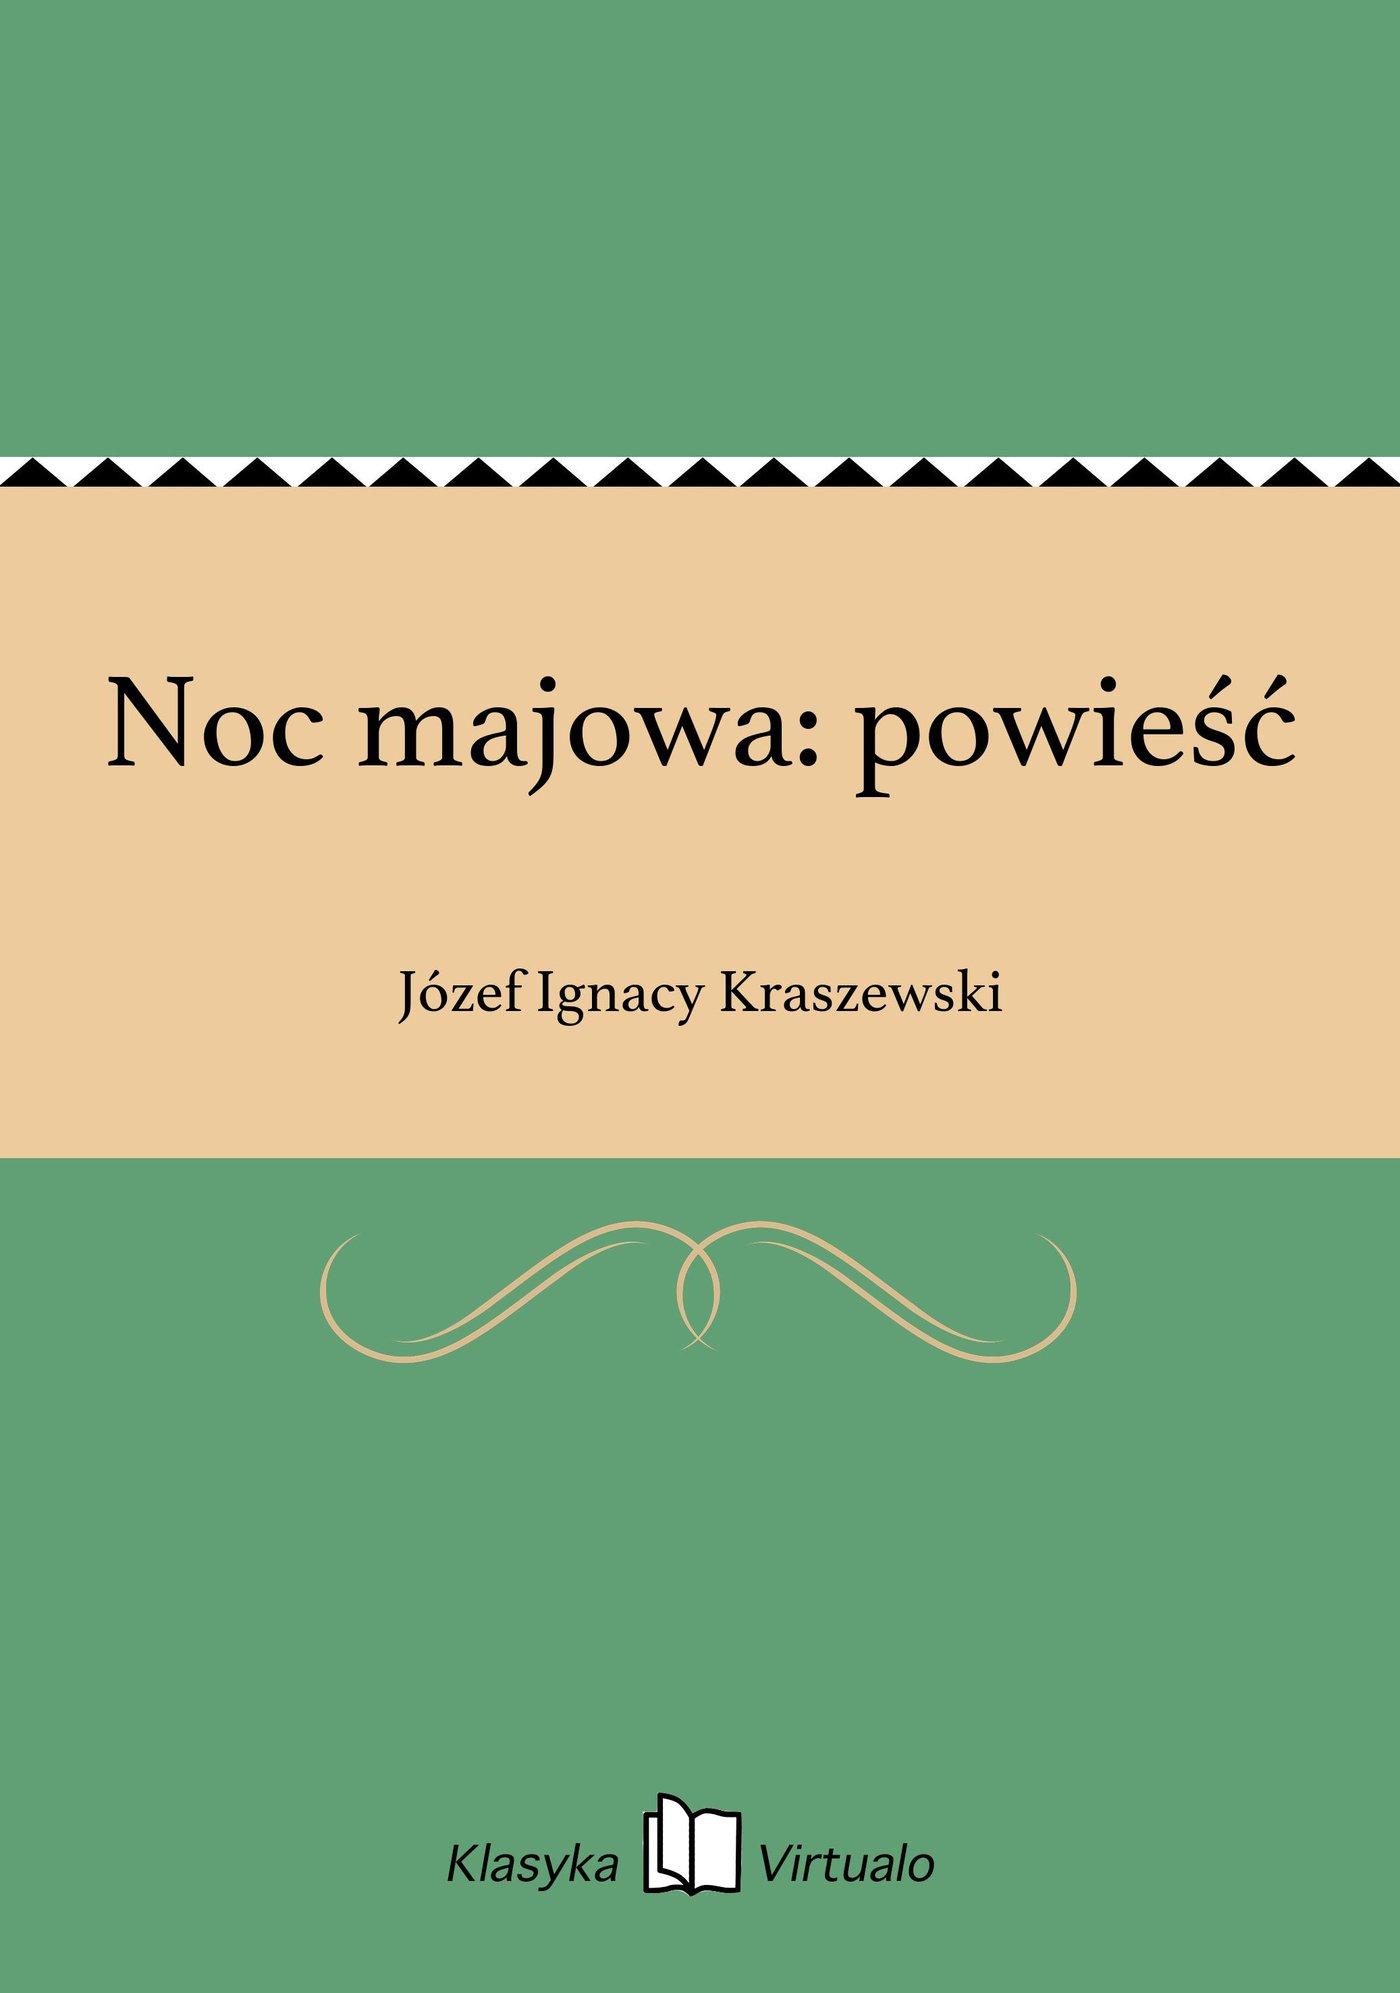 Noc majowa: powieść - Ebook (Książka na Kindle) do pobrania w formacie MOBI